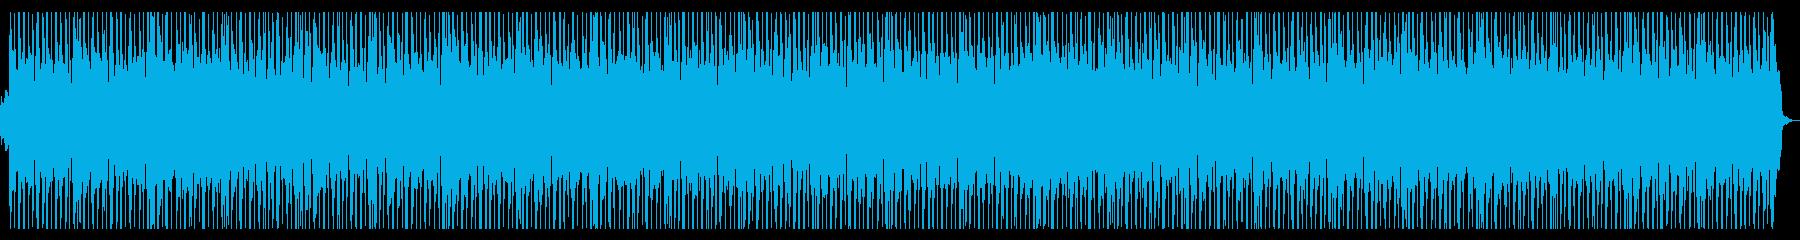 ちょっぴり寒い冬のよりそい系ビートの再生済みの波形